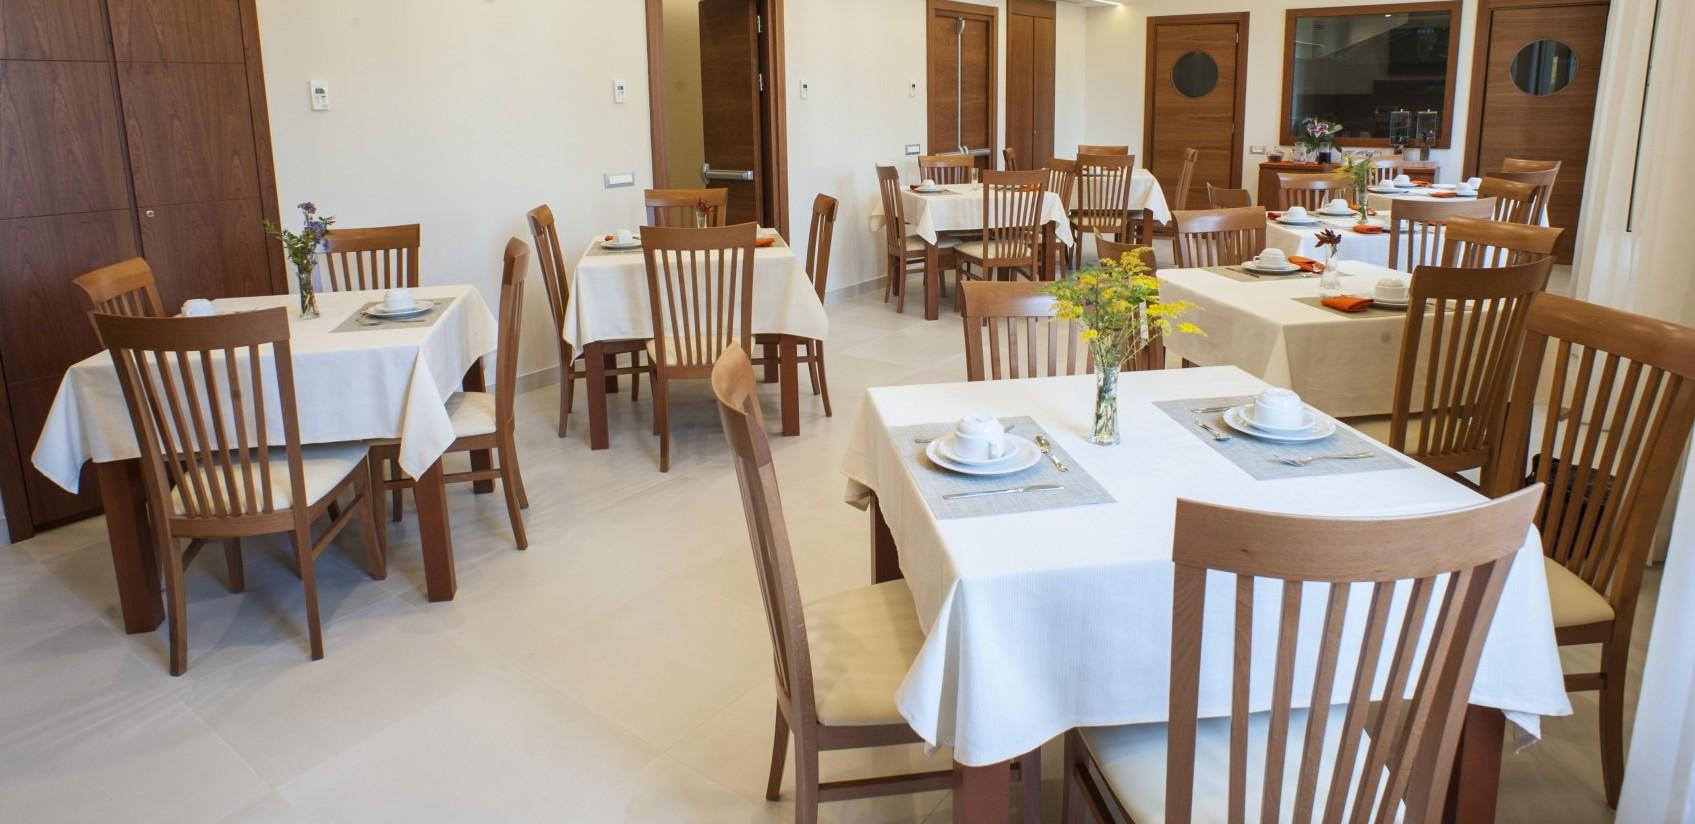 Checkin Villa Angelina Casa per Ferie *** | Web Oficial